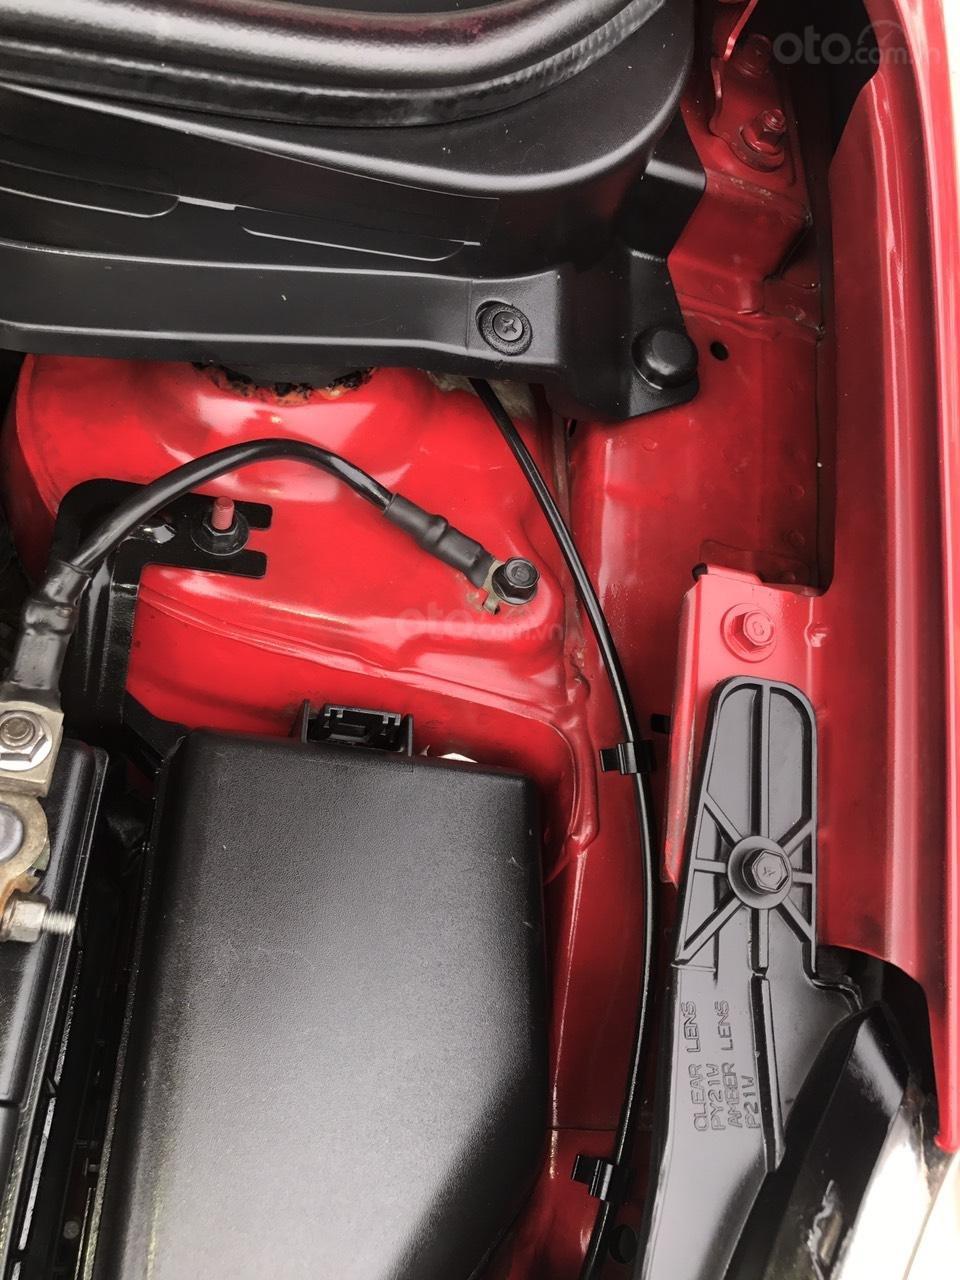 Bán Hyundai i20 1.4 AT đời 2011, màu đỏ, xe nhập, bản full, xe xuất sắc luôn (12)